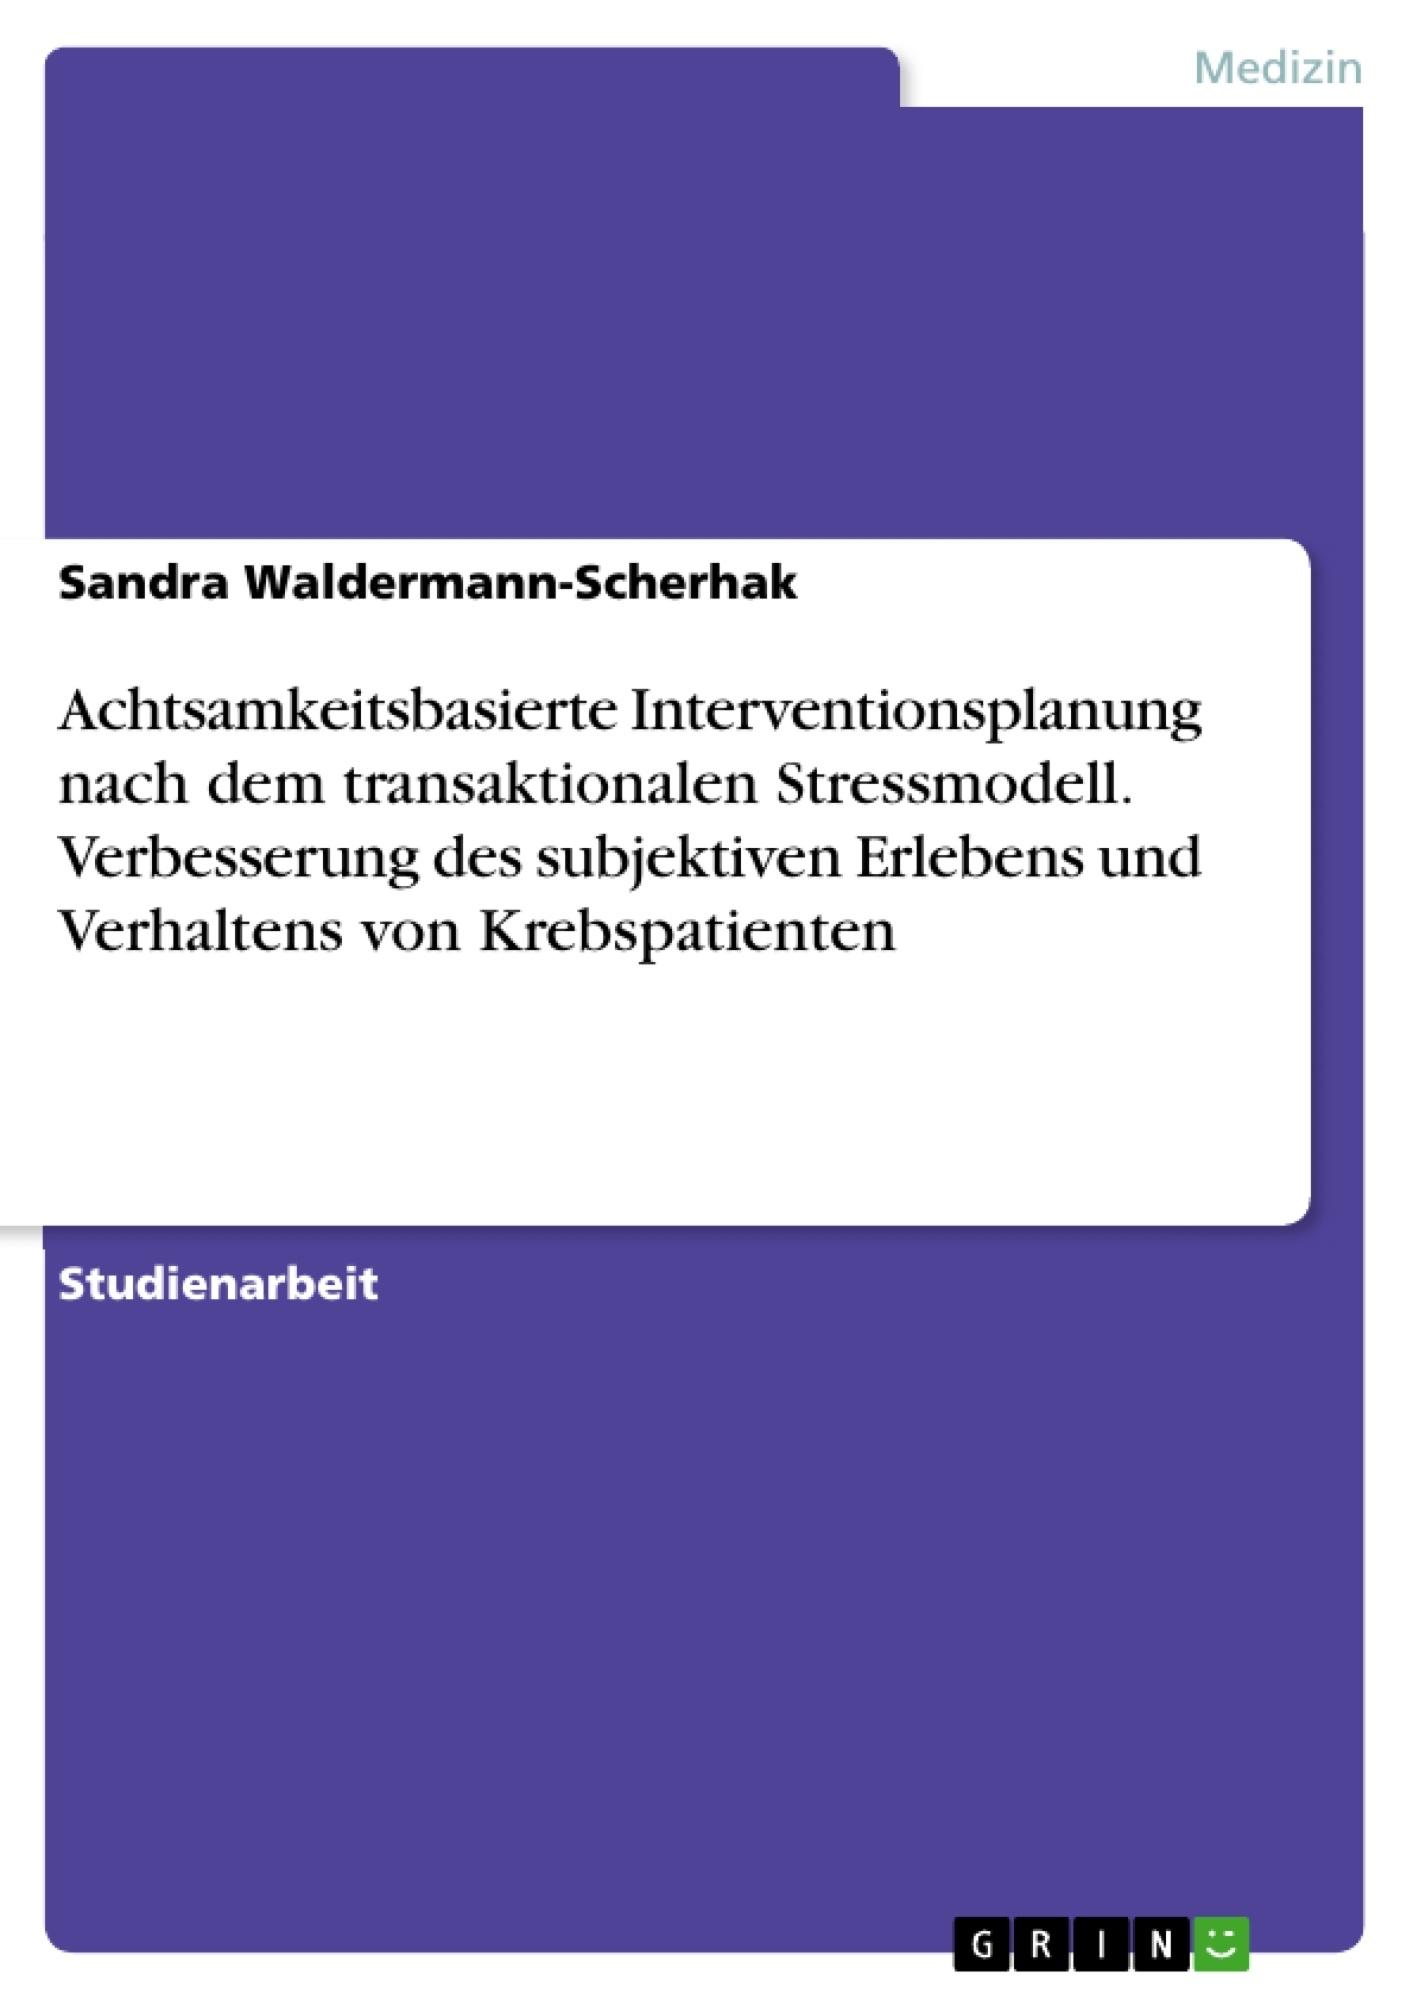 Titel: Achtsamkeitsbasierte Interventionsplanung nach dem transaktionalen Stressmodell. Verbesserung des subjektiven Erlebens und Verhaltens von Krebspatienten